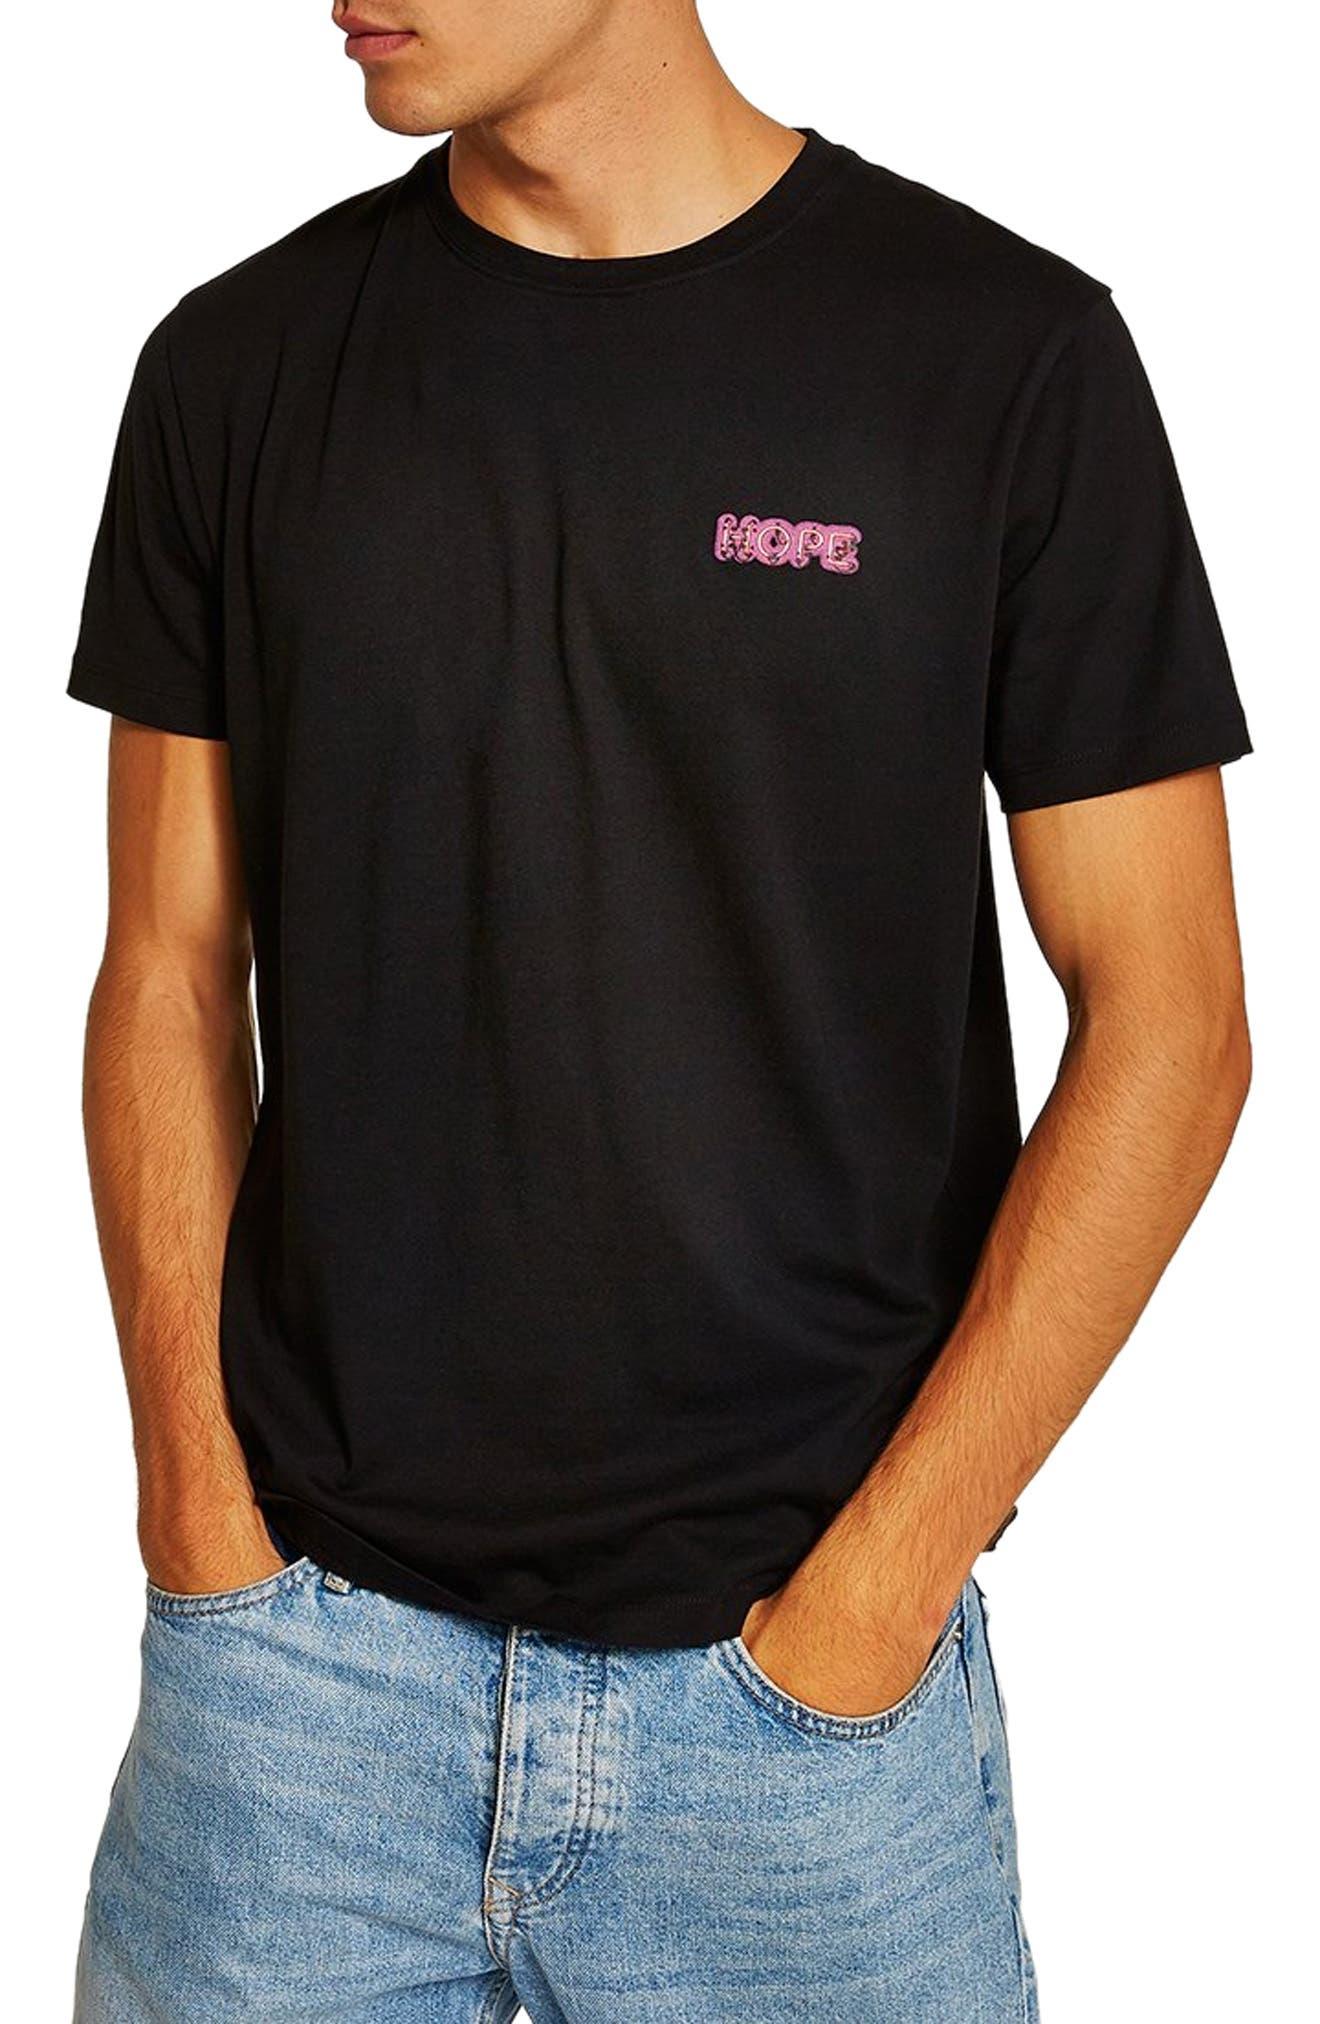 Still Hope Classic Fit T-Shirt,                             Main thumbnail 1, color,                             BLACK MULTI